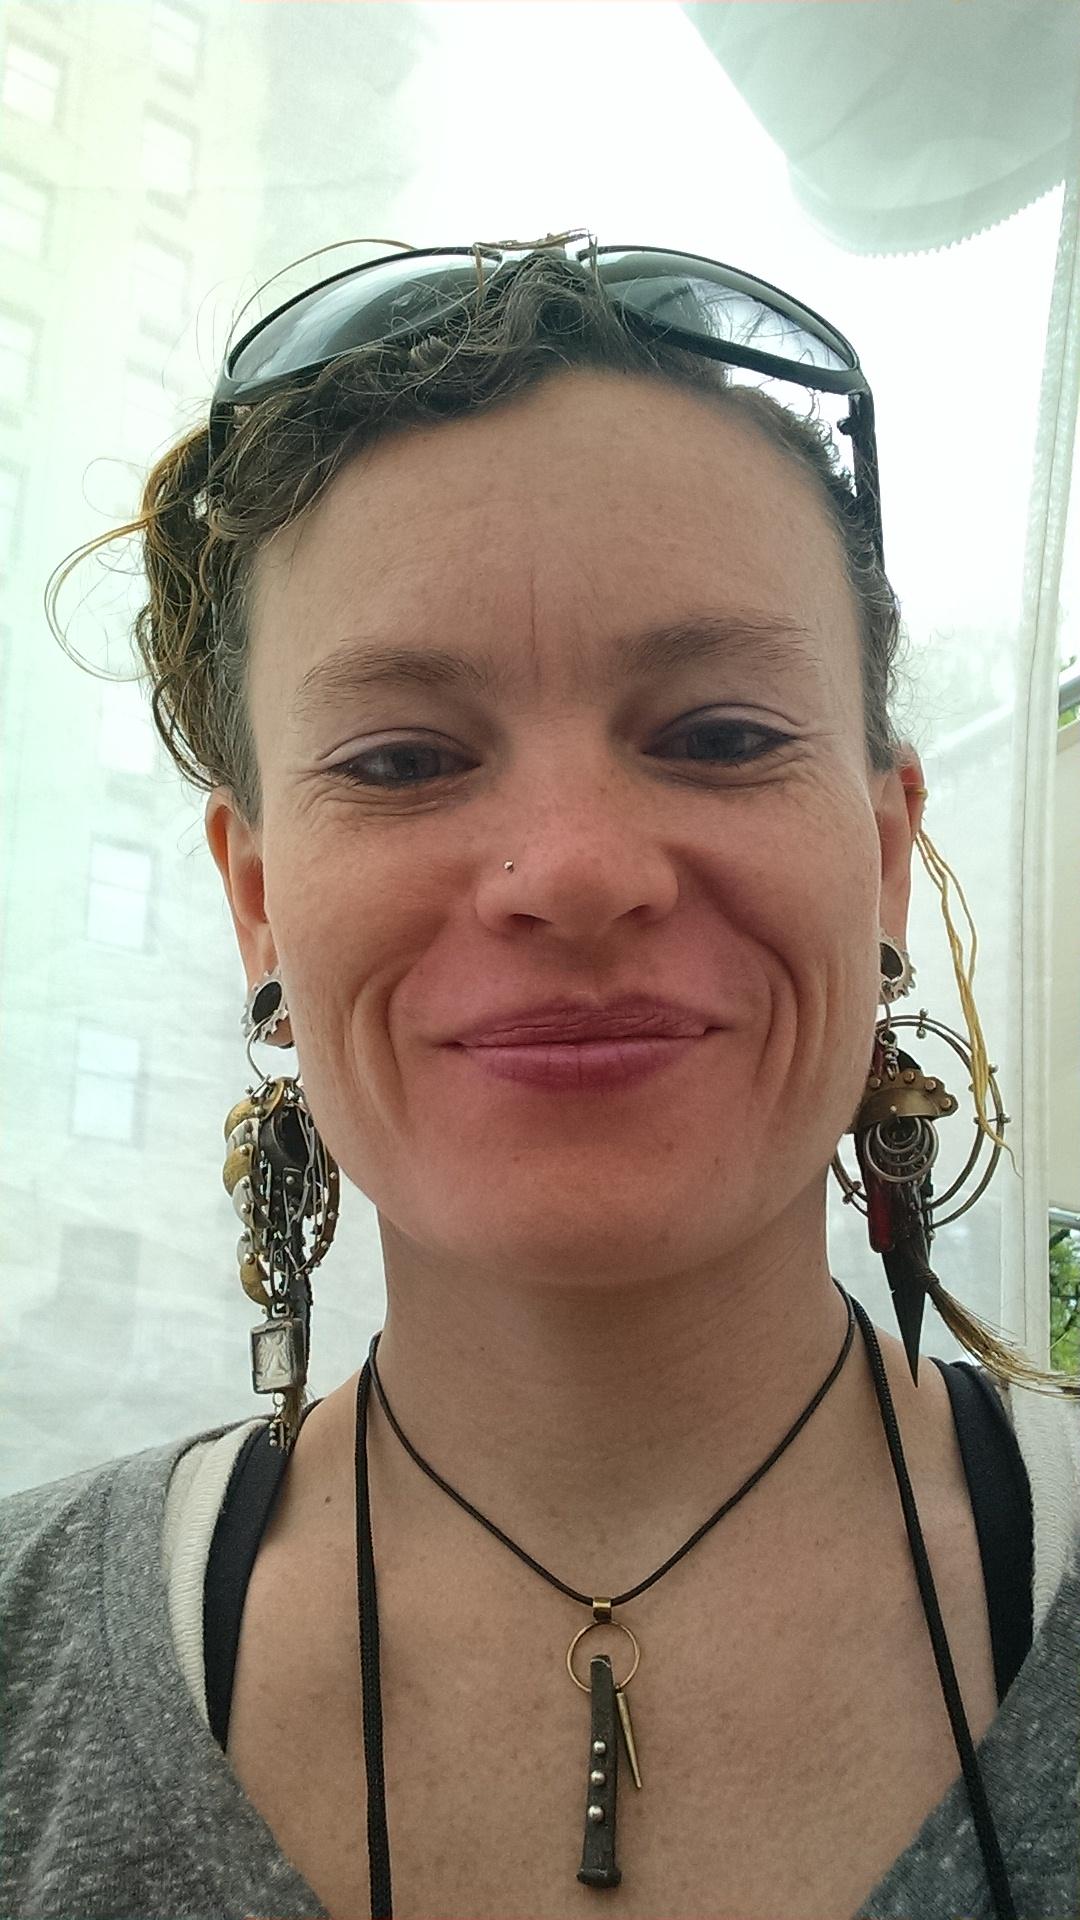 Julie Merrill naked 752